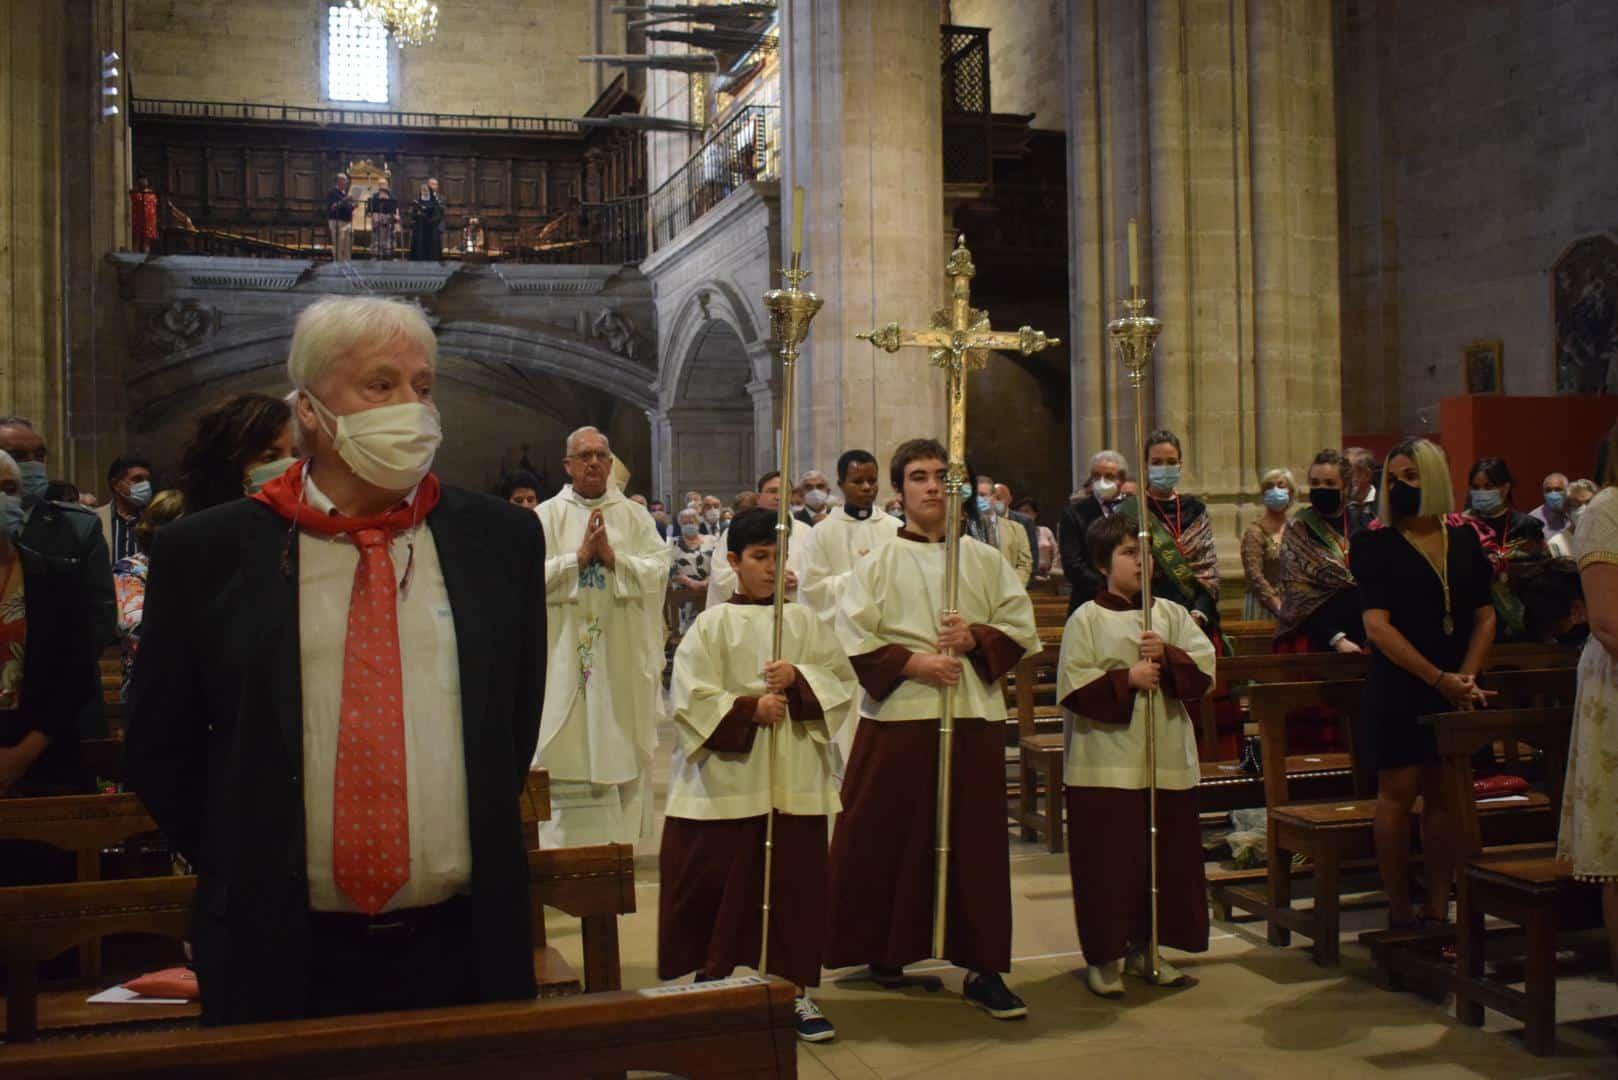 Haro celebra de manera diferente el Día de San Felices 17